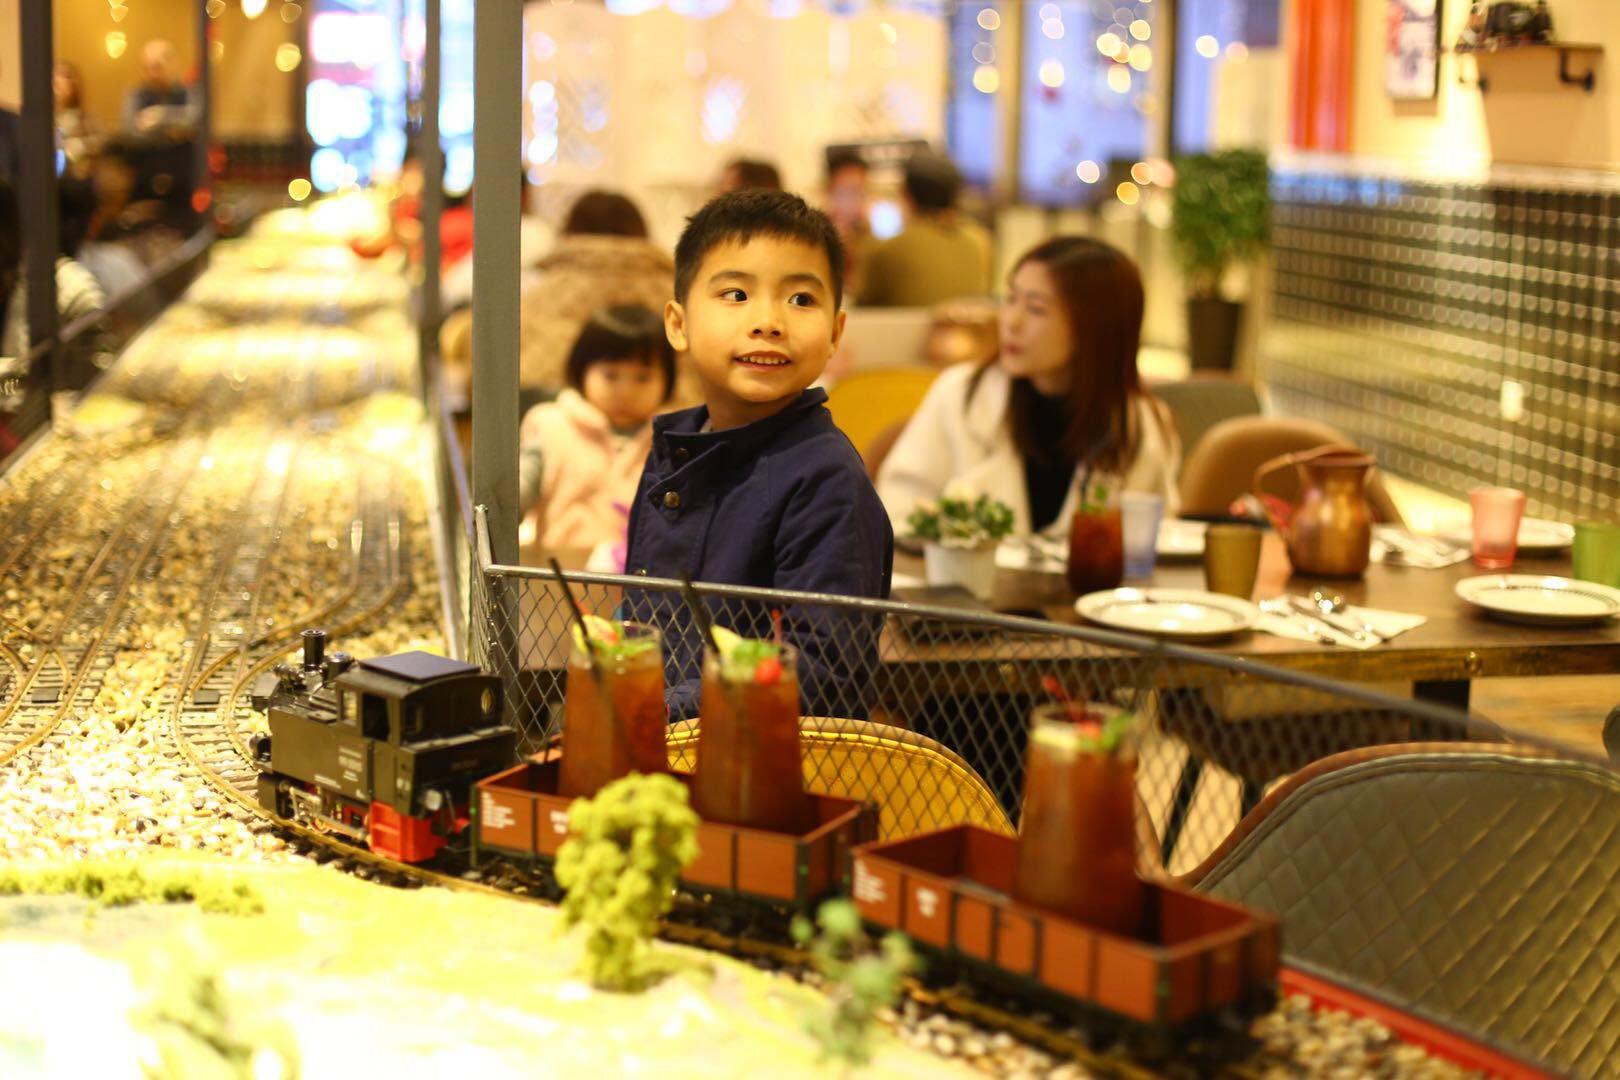 餐厅的铁路系统准时准点堪比中国高铁